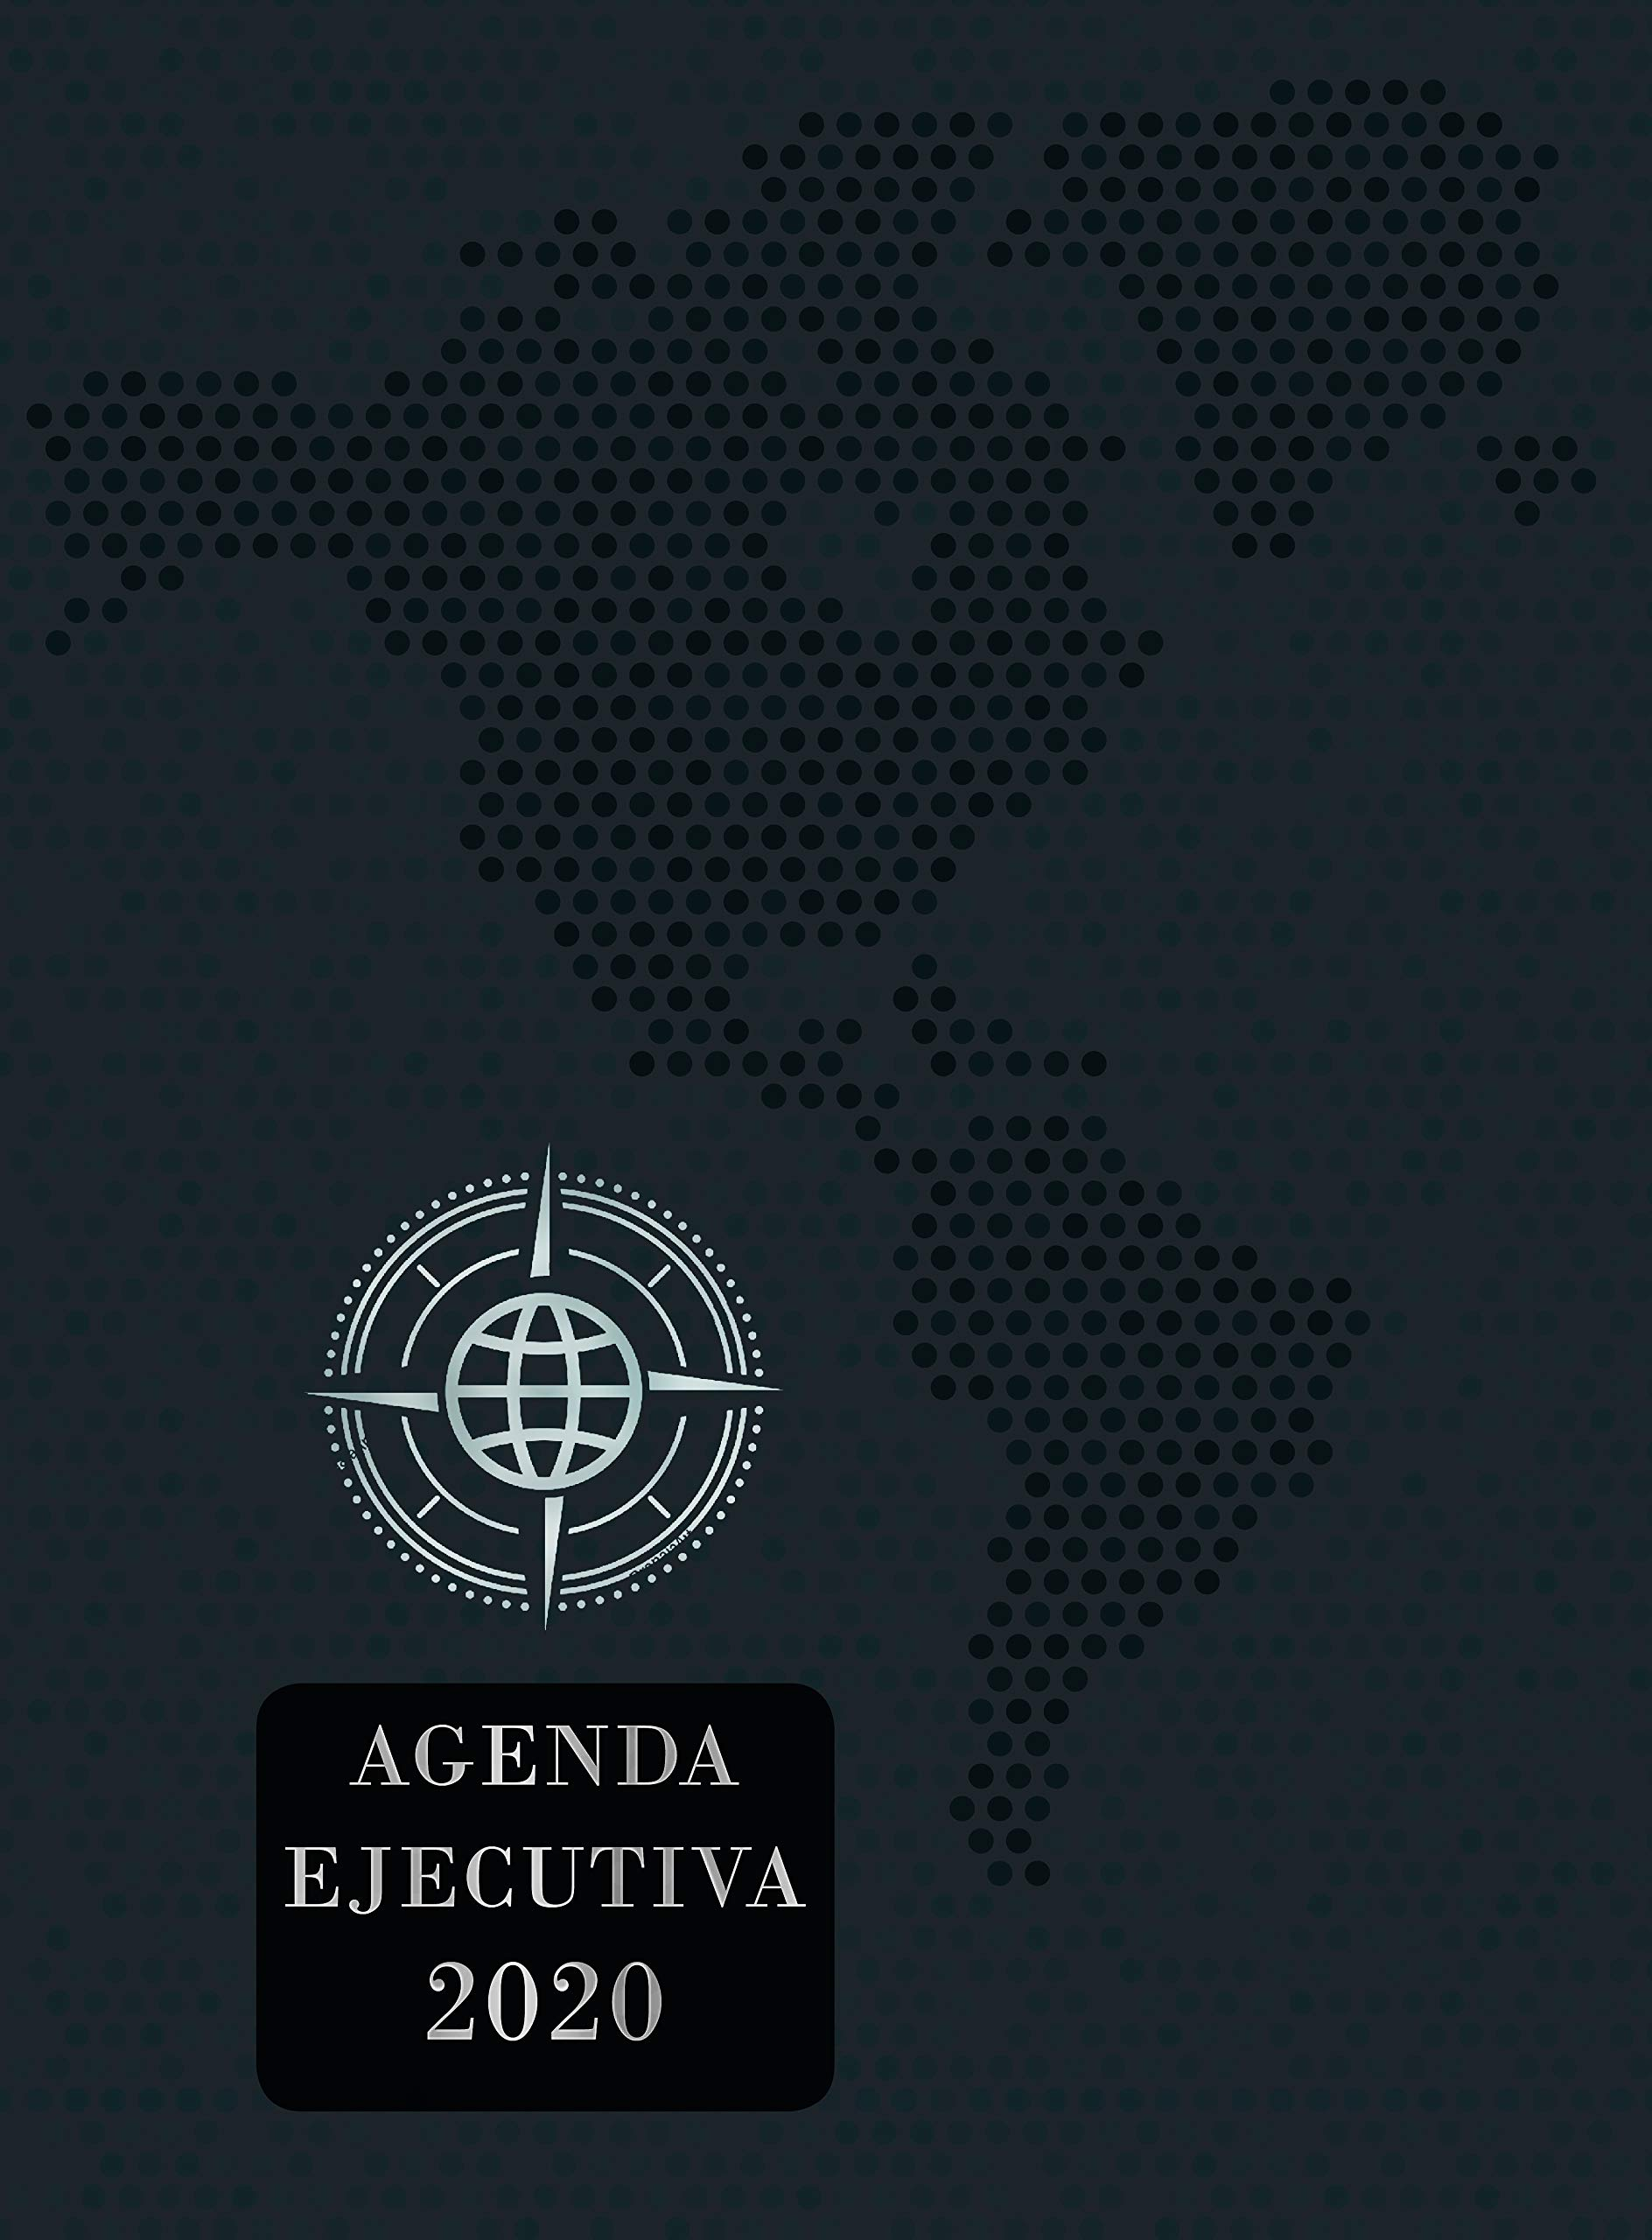 2020 Agenda Ejecutiva - Tesoros de Sabiduría - Gris: Agenda ...